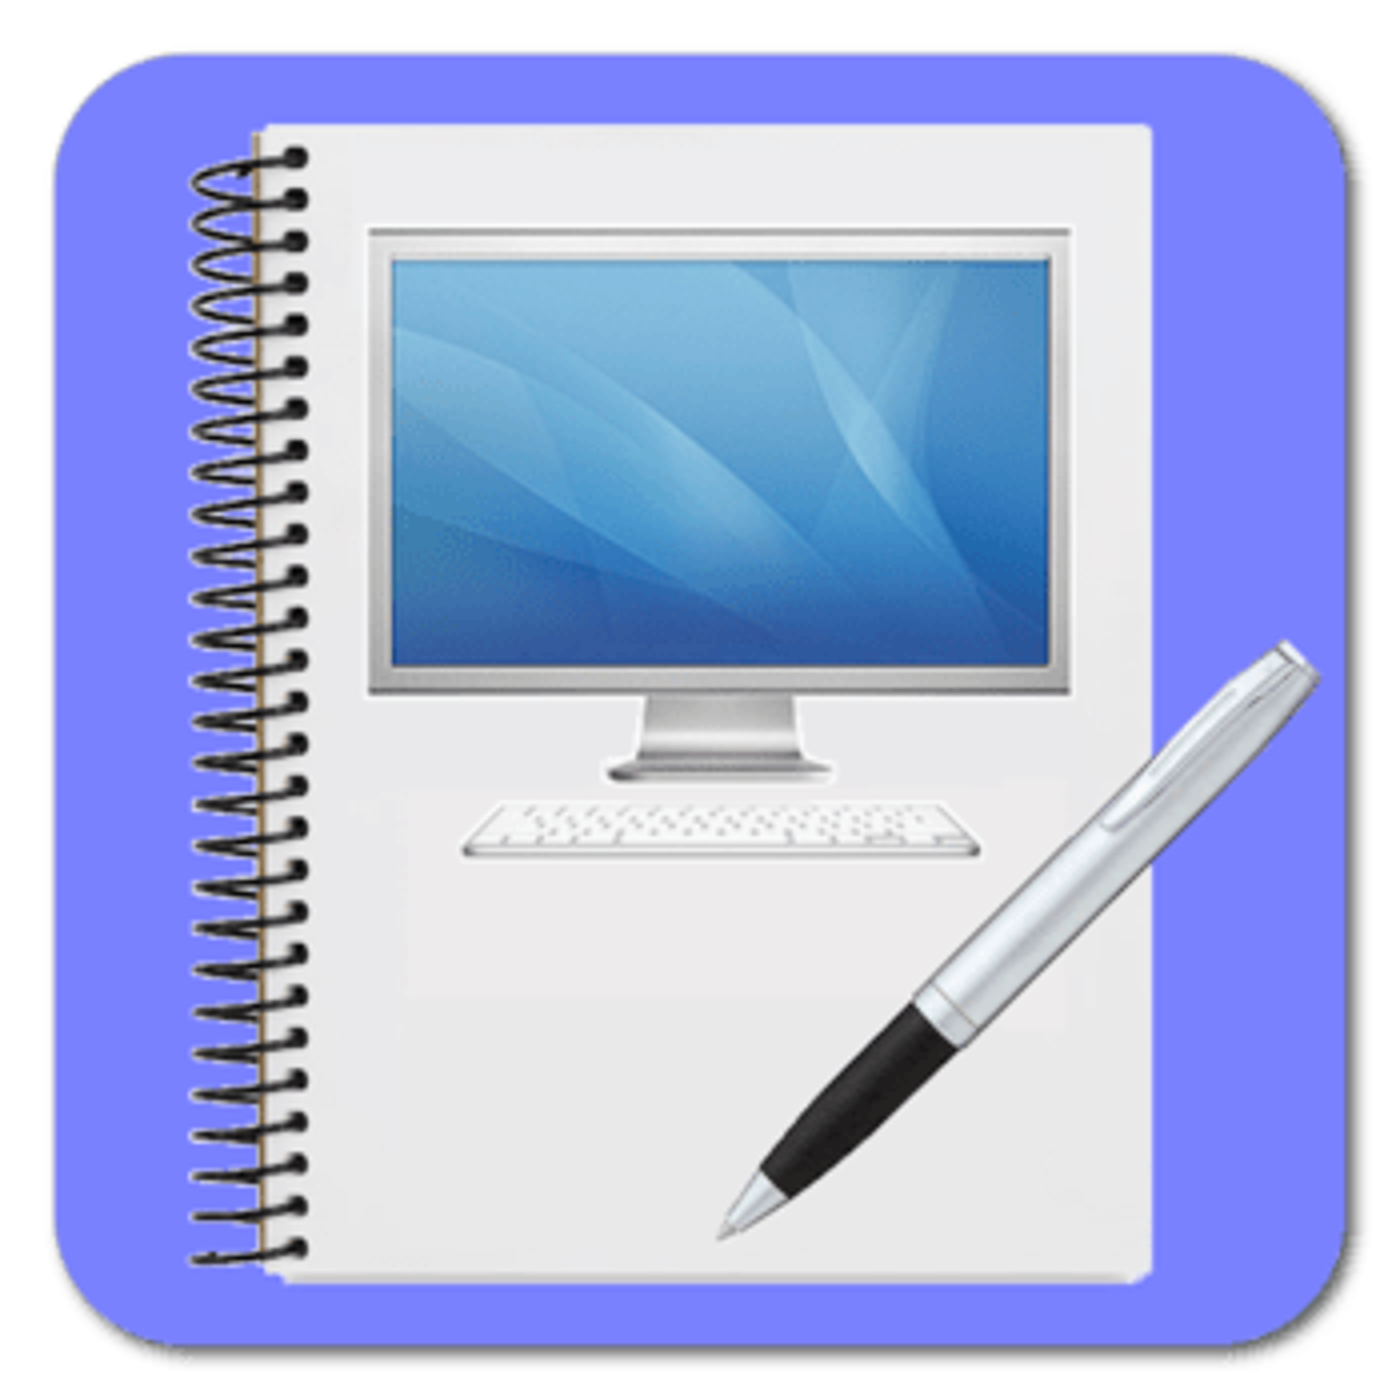 iText Express 3.4.7